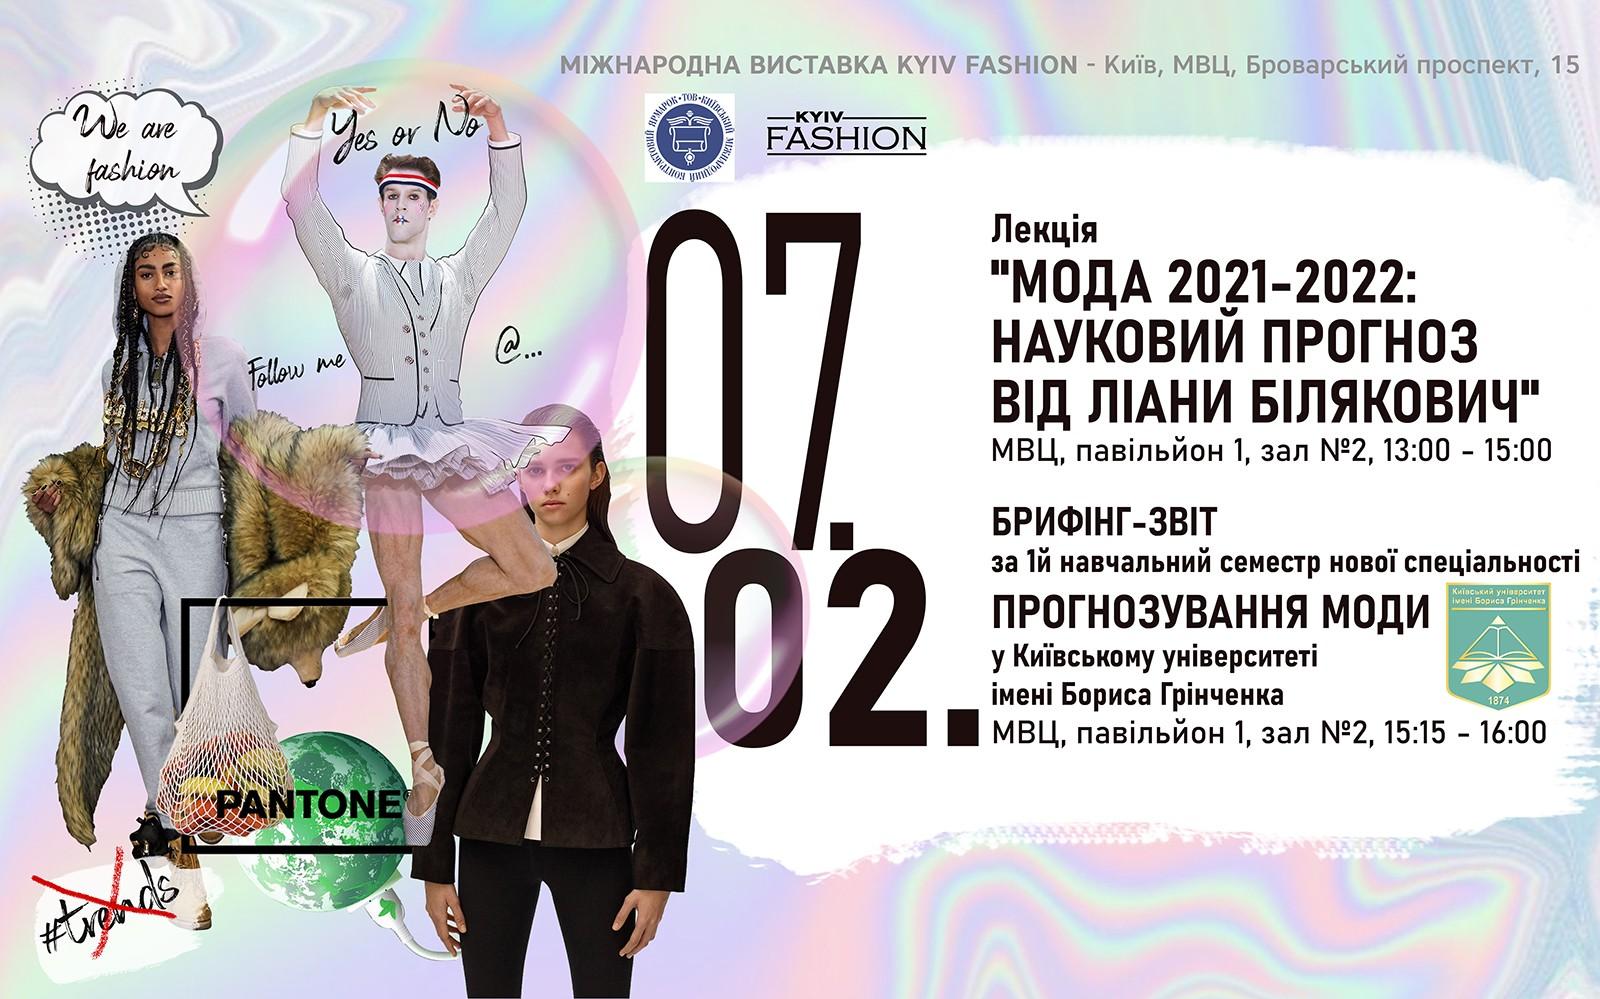 Мода 2021-2022: науковий прогноз від Ліани Білякович